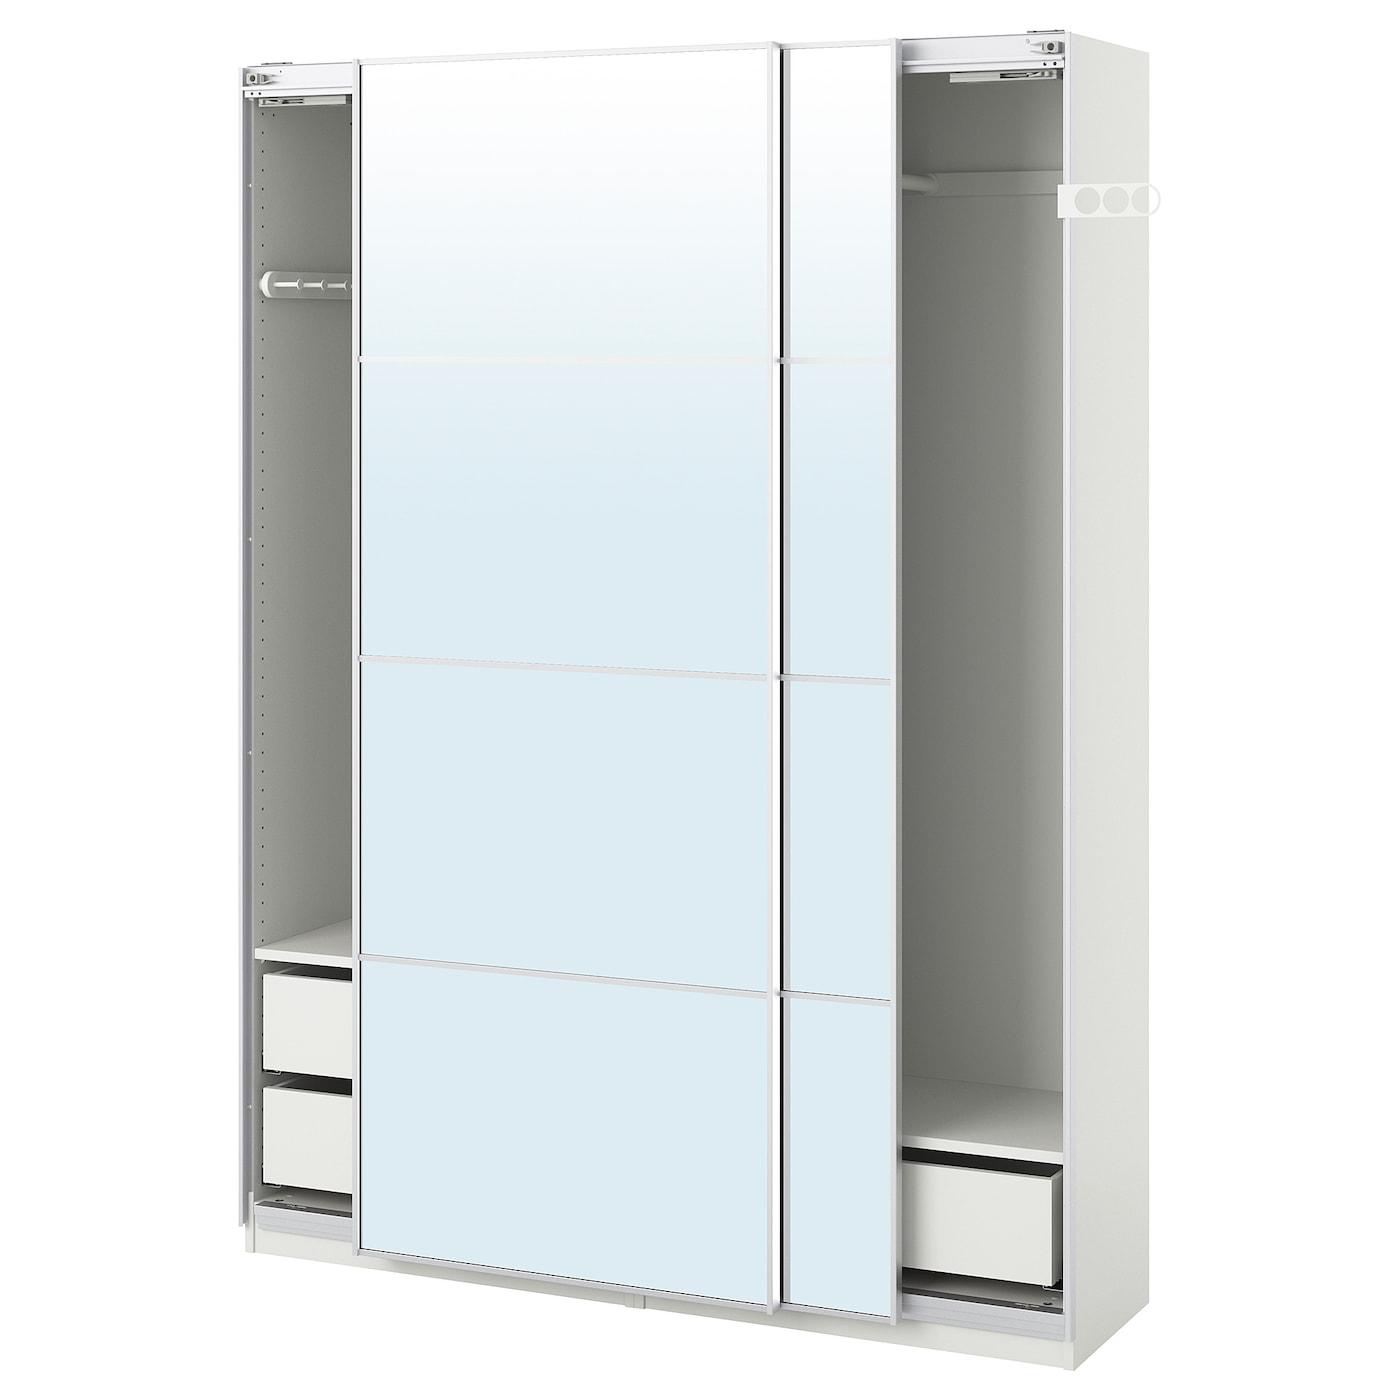 Pax Kleiderschrank Weiss Auli Spiegelglas Ikea Schweiz